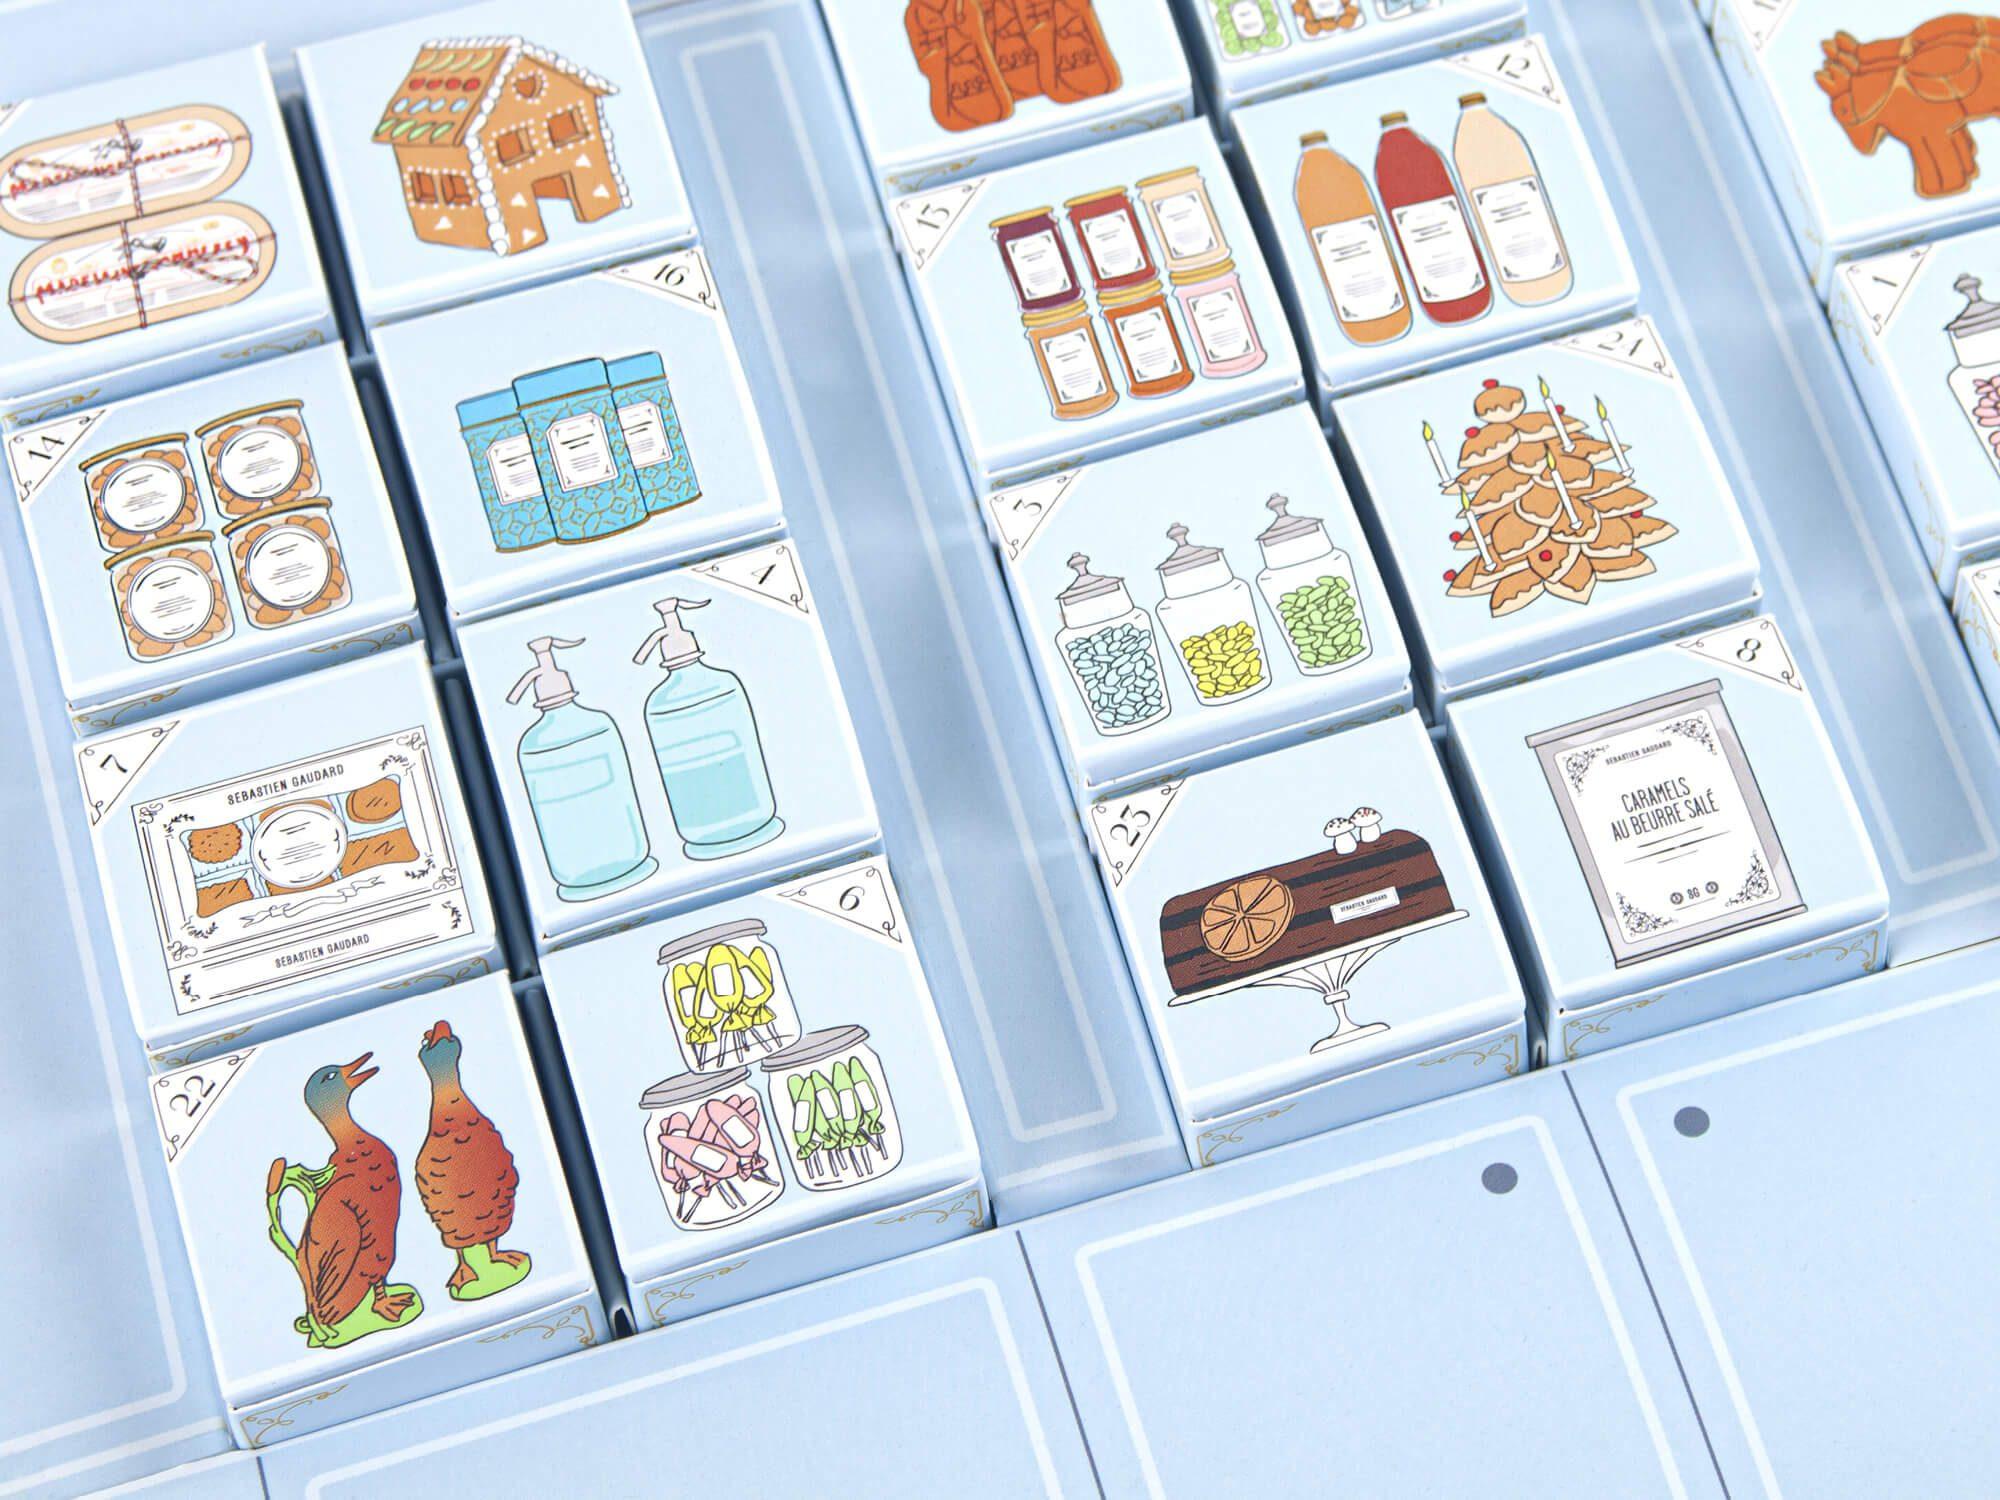 Gors plan sur le calendrier de l'avent de SG, une maquette des étagères de la pâtisserie des martyrs remplie de 24 illustrations de noël par les graphistes Ich&Kar